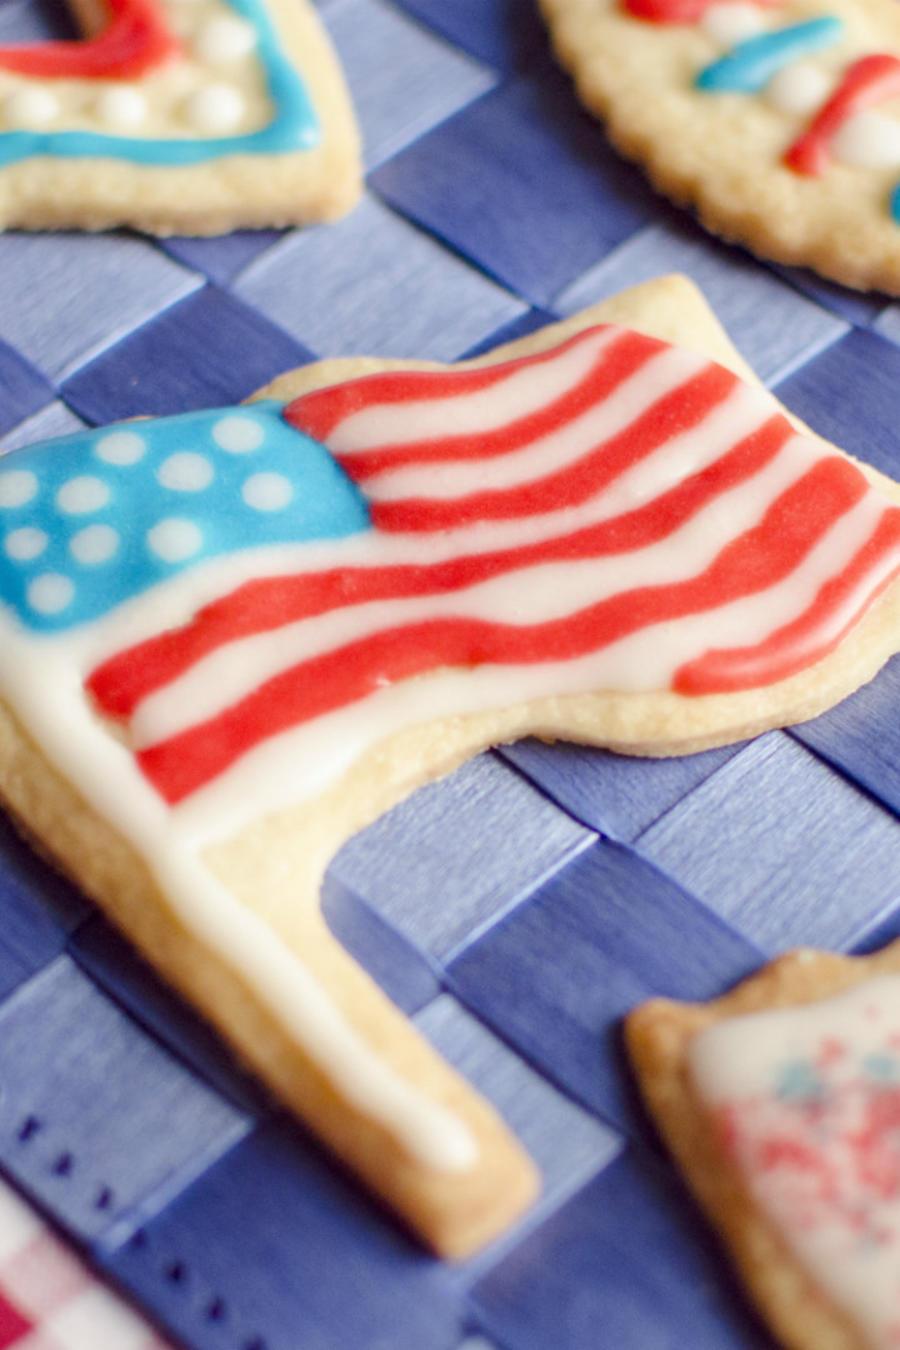 Galletas decoradas con los colores de la bandera de Estados Unidos.